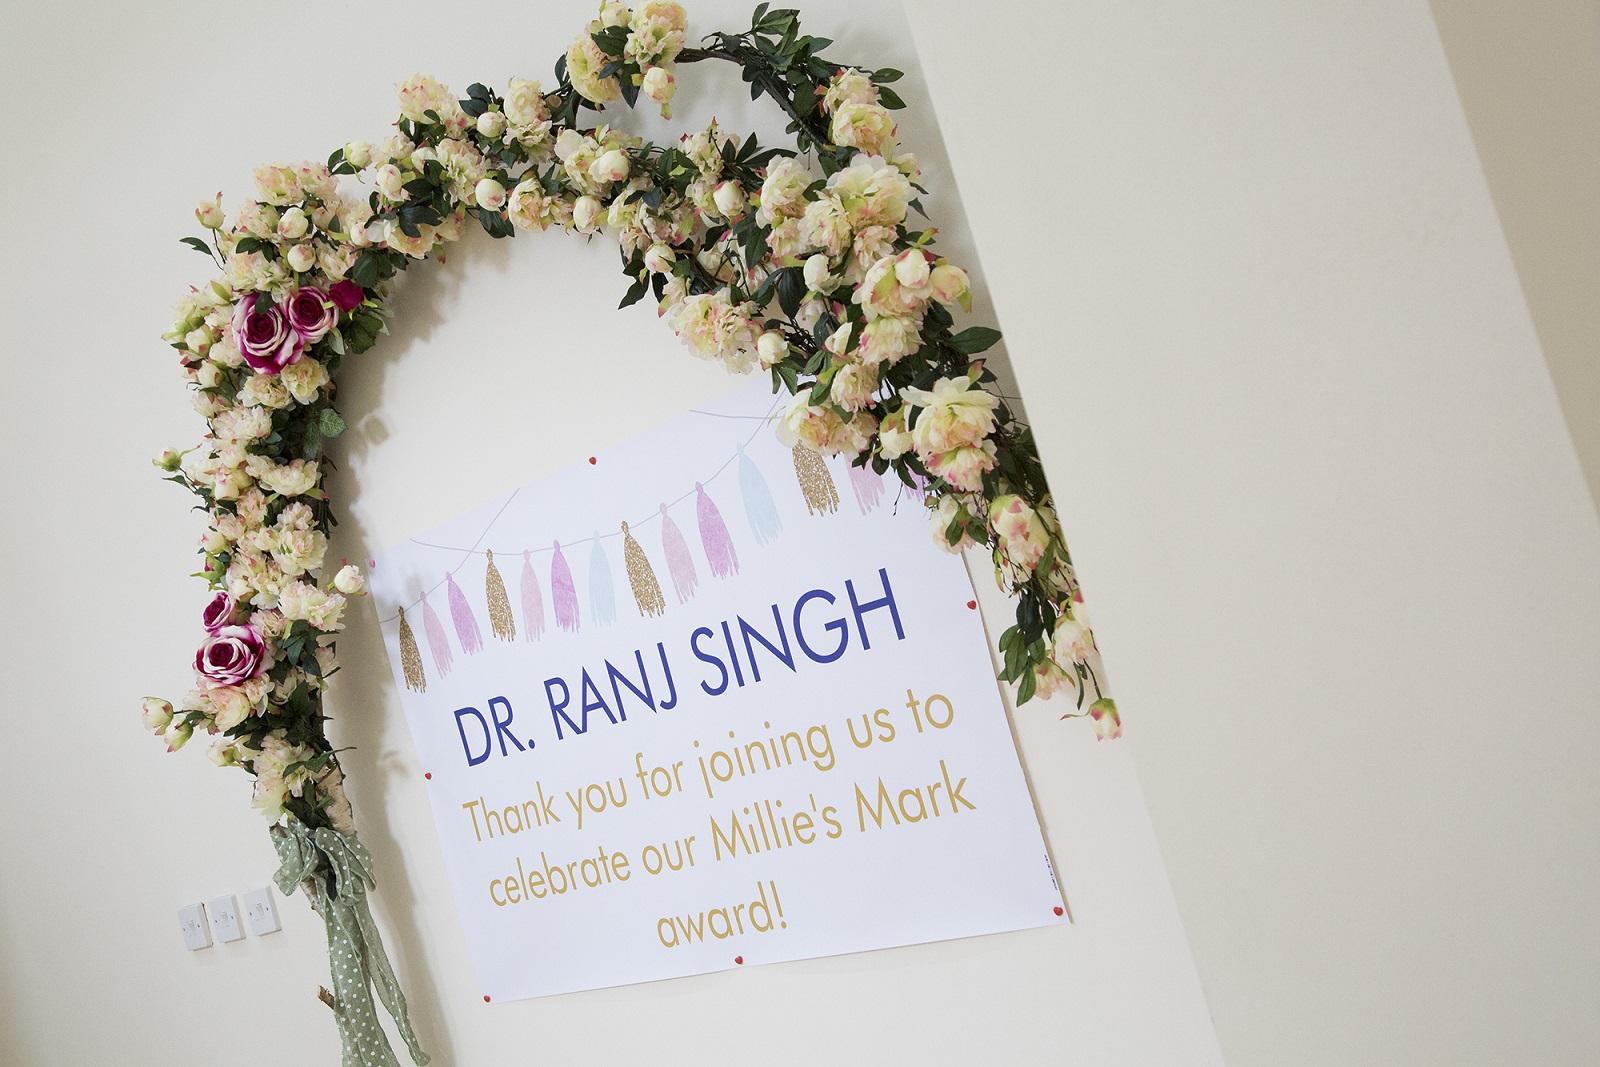 Dr. Ranj